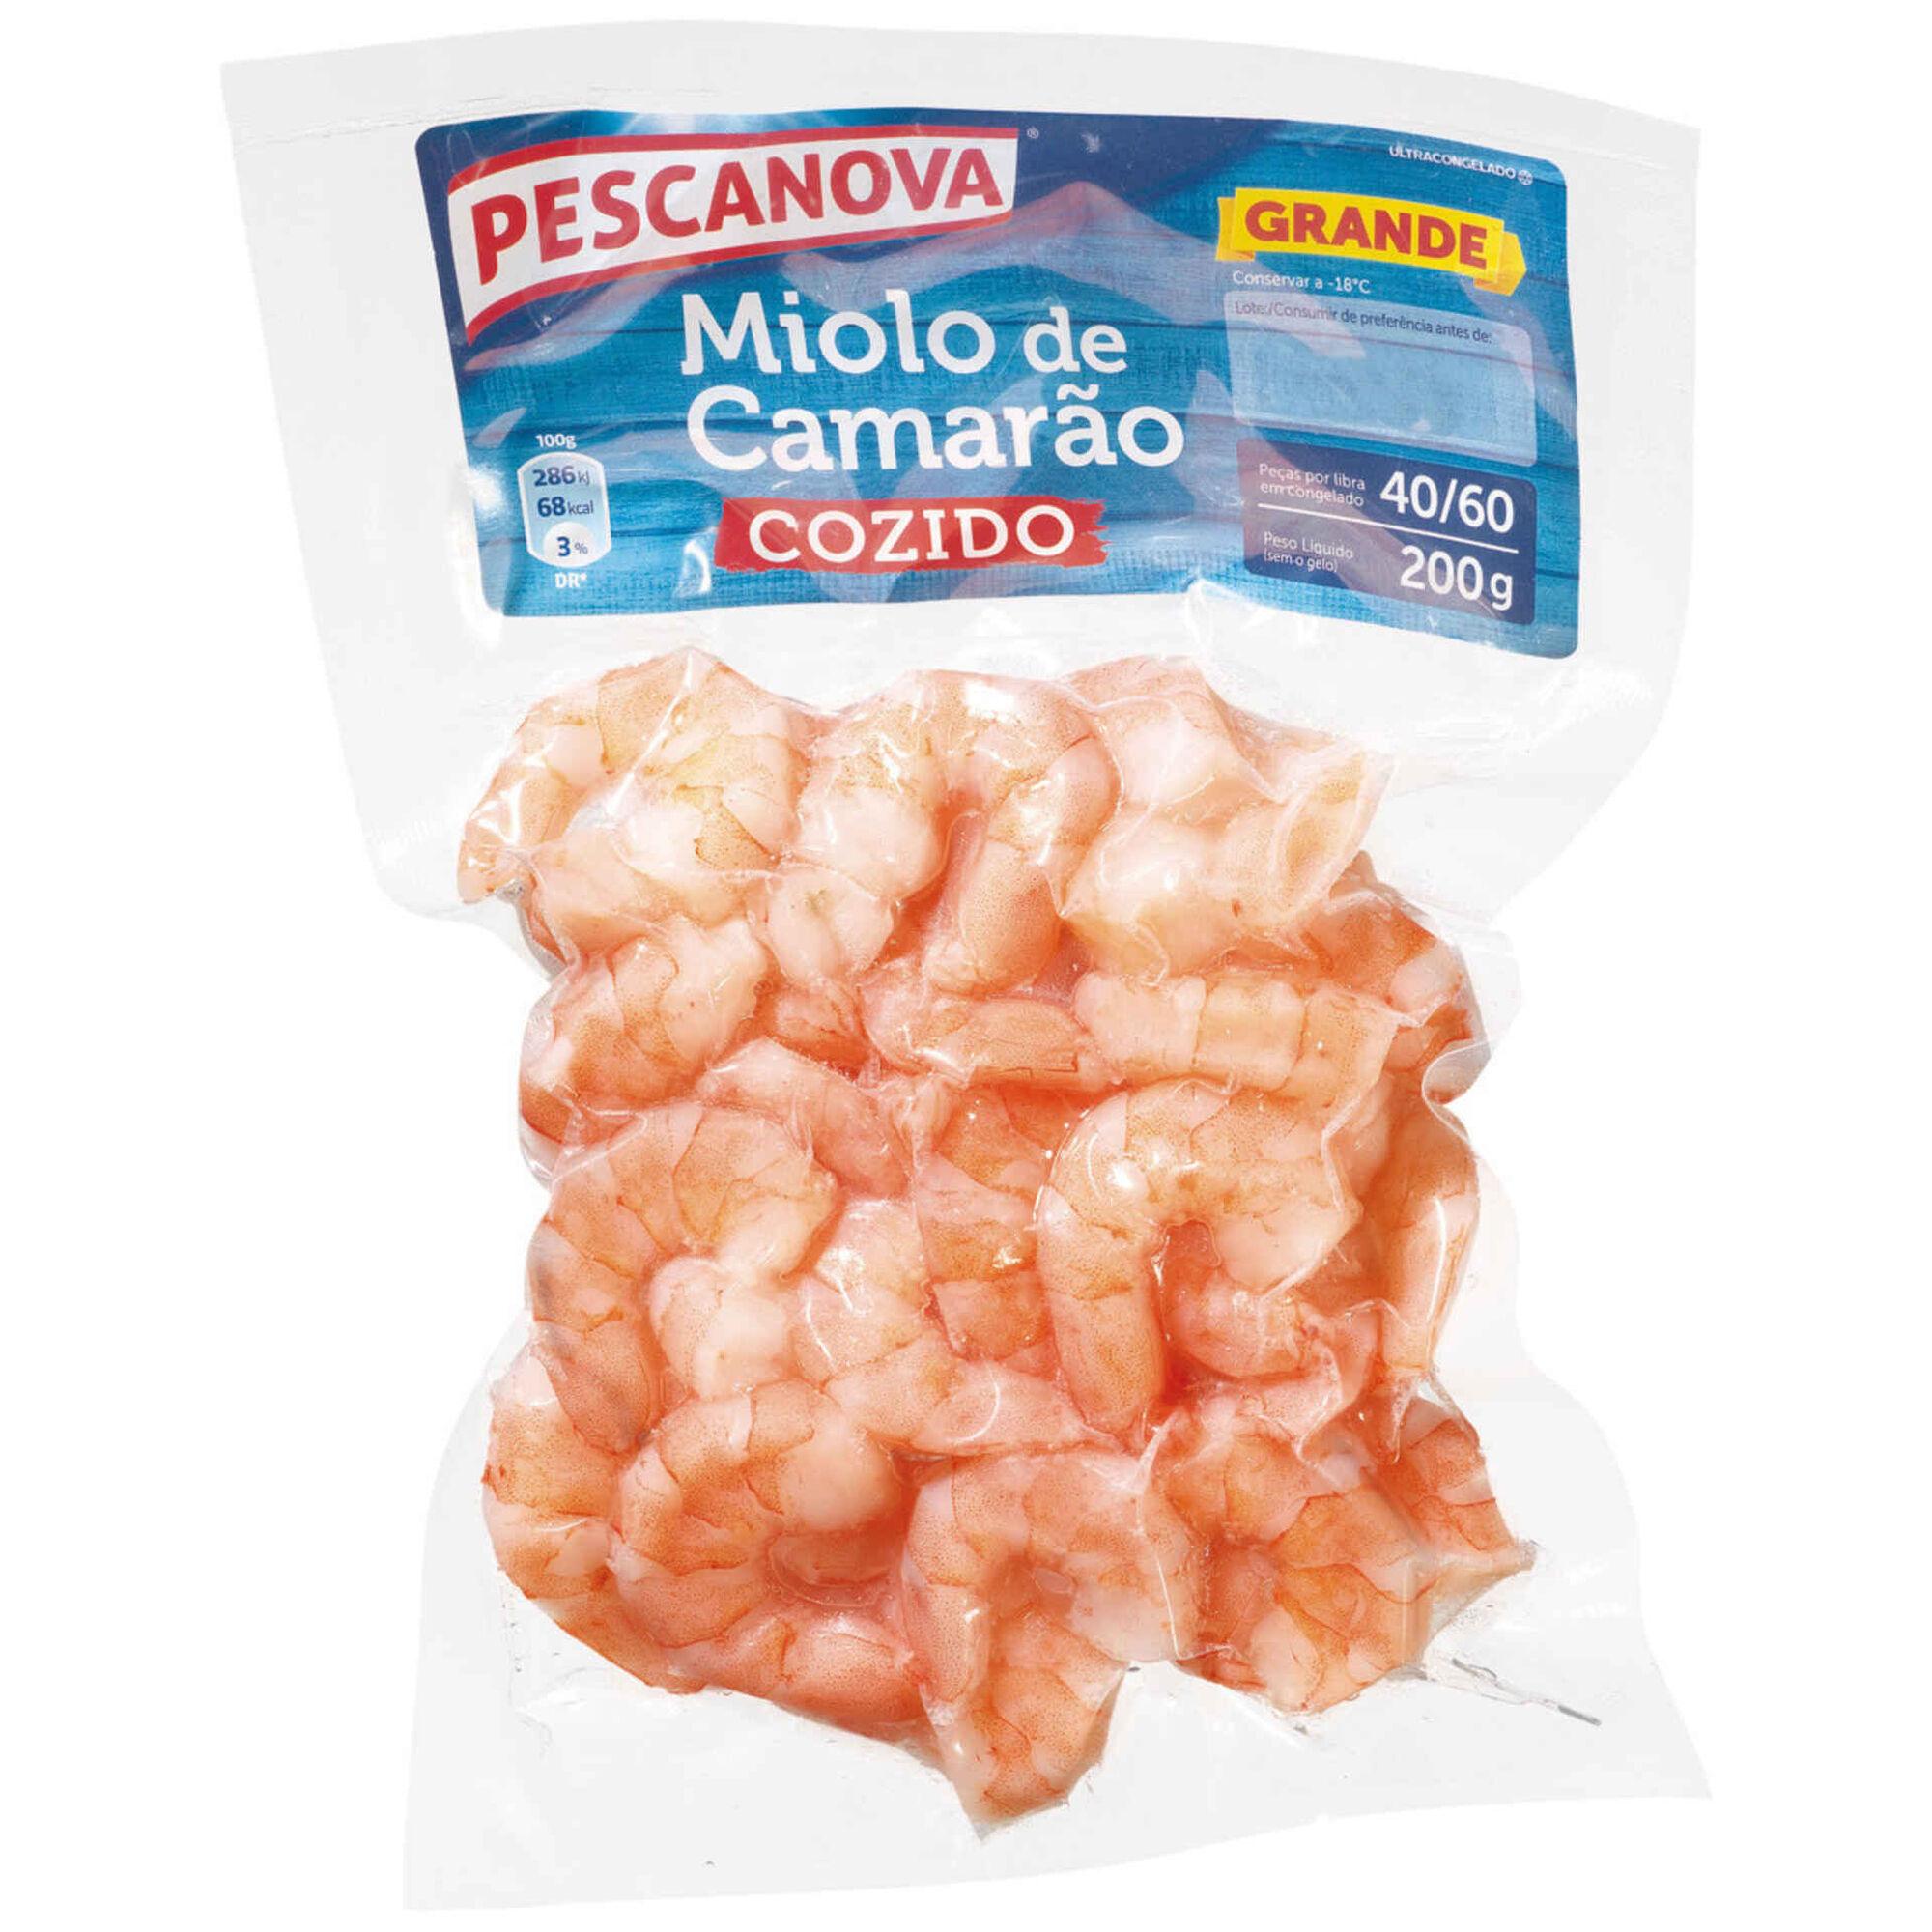 Miolo Camarão Cozido 40/60 Ultracongelado